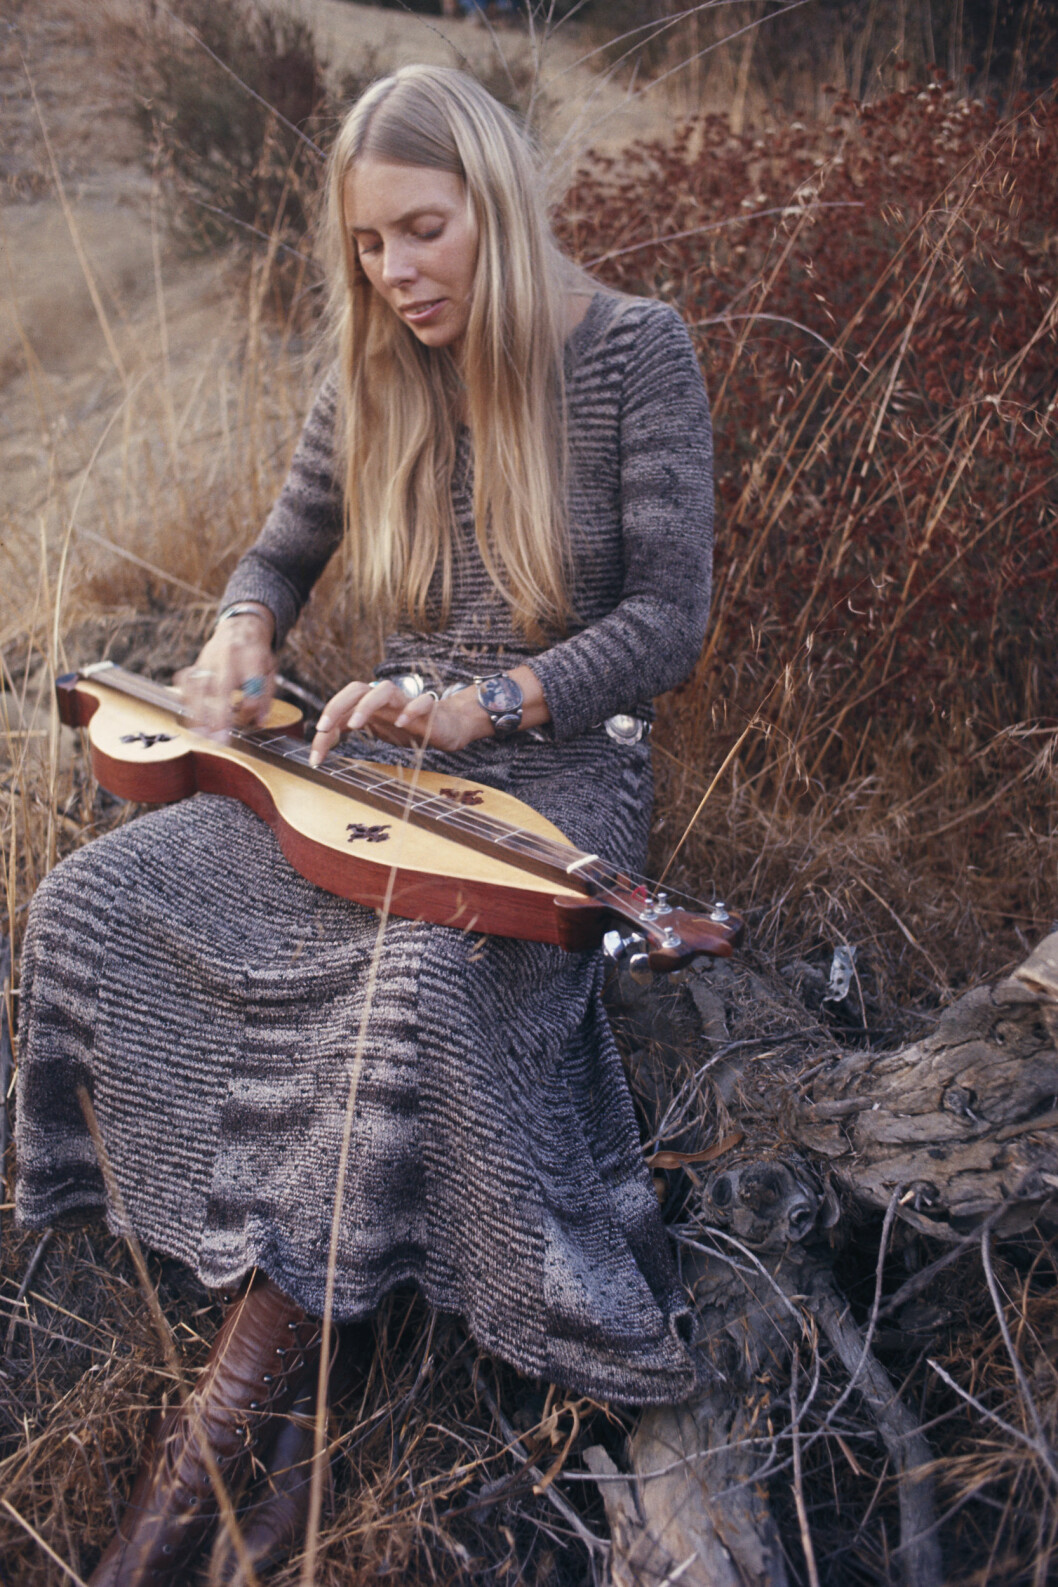 FORBILDET: Unge Hanne Krogh fikk sansen for musikken til den kanadiske folkrock-artisten Joni Mitchell og ville ikke bli popstjerne. Her er Mitchell avbildet i Los Angeles høsten 1970.   Foto: © Henry Diltz/Corbis